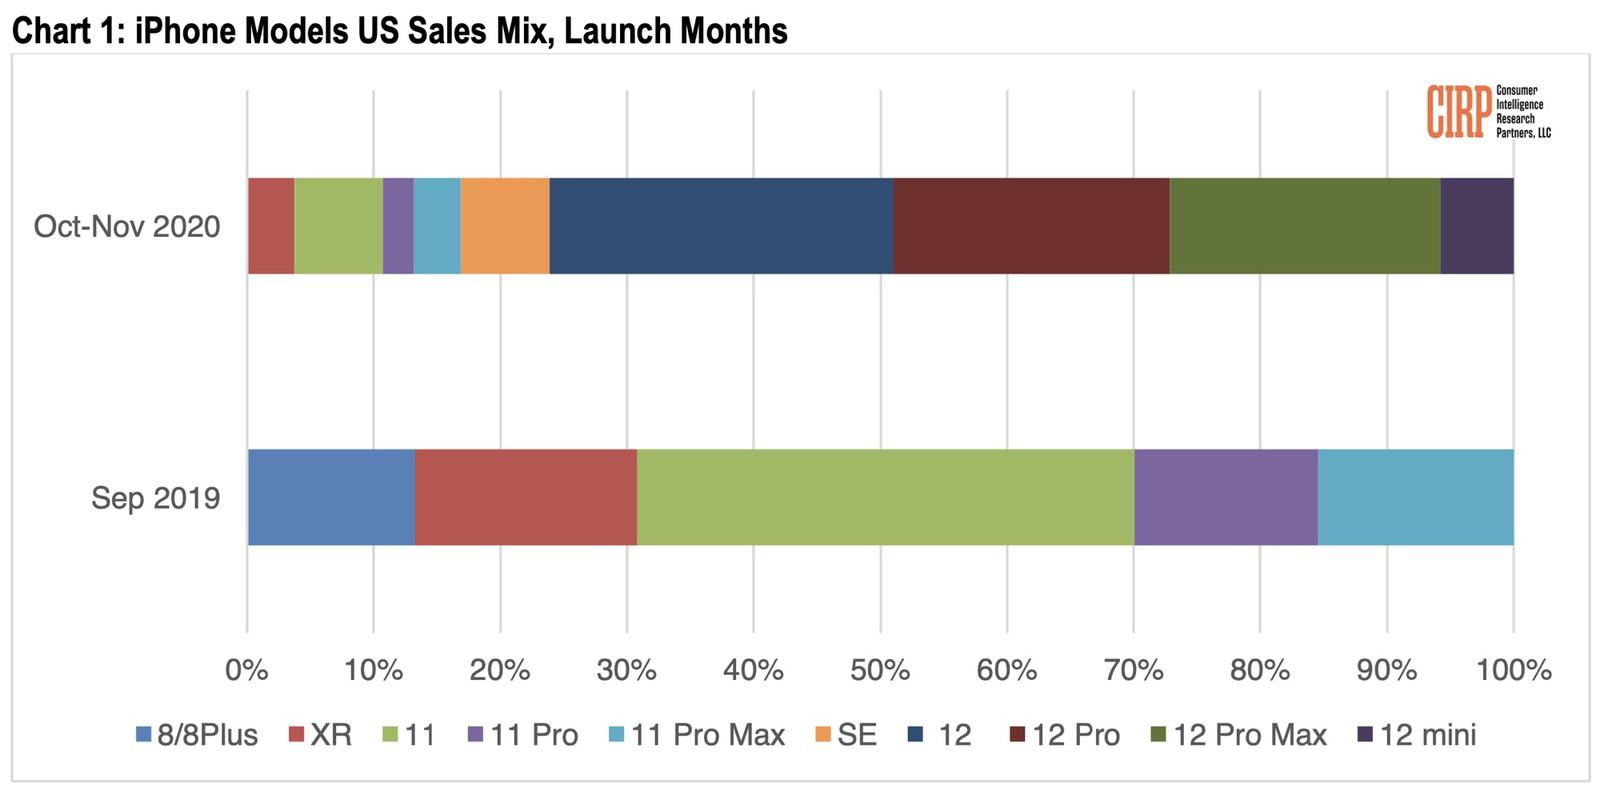 分析iPhone 12 Pro Max 熱賣?反而12 mini銷量差原因